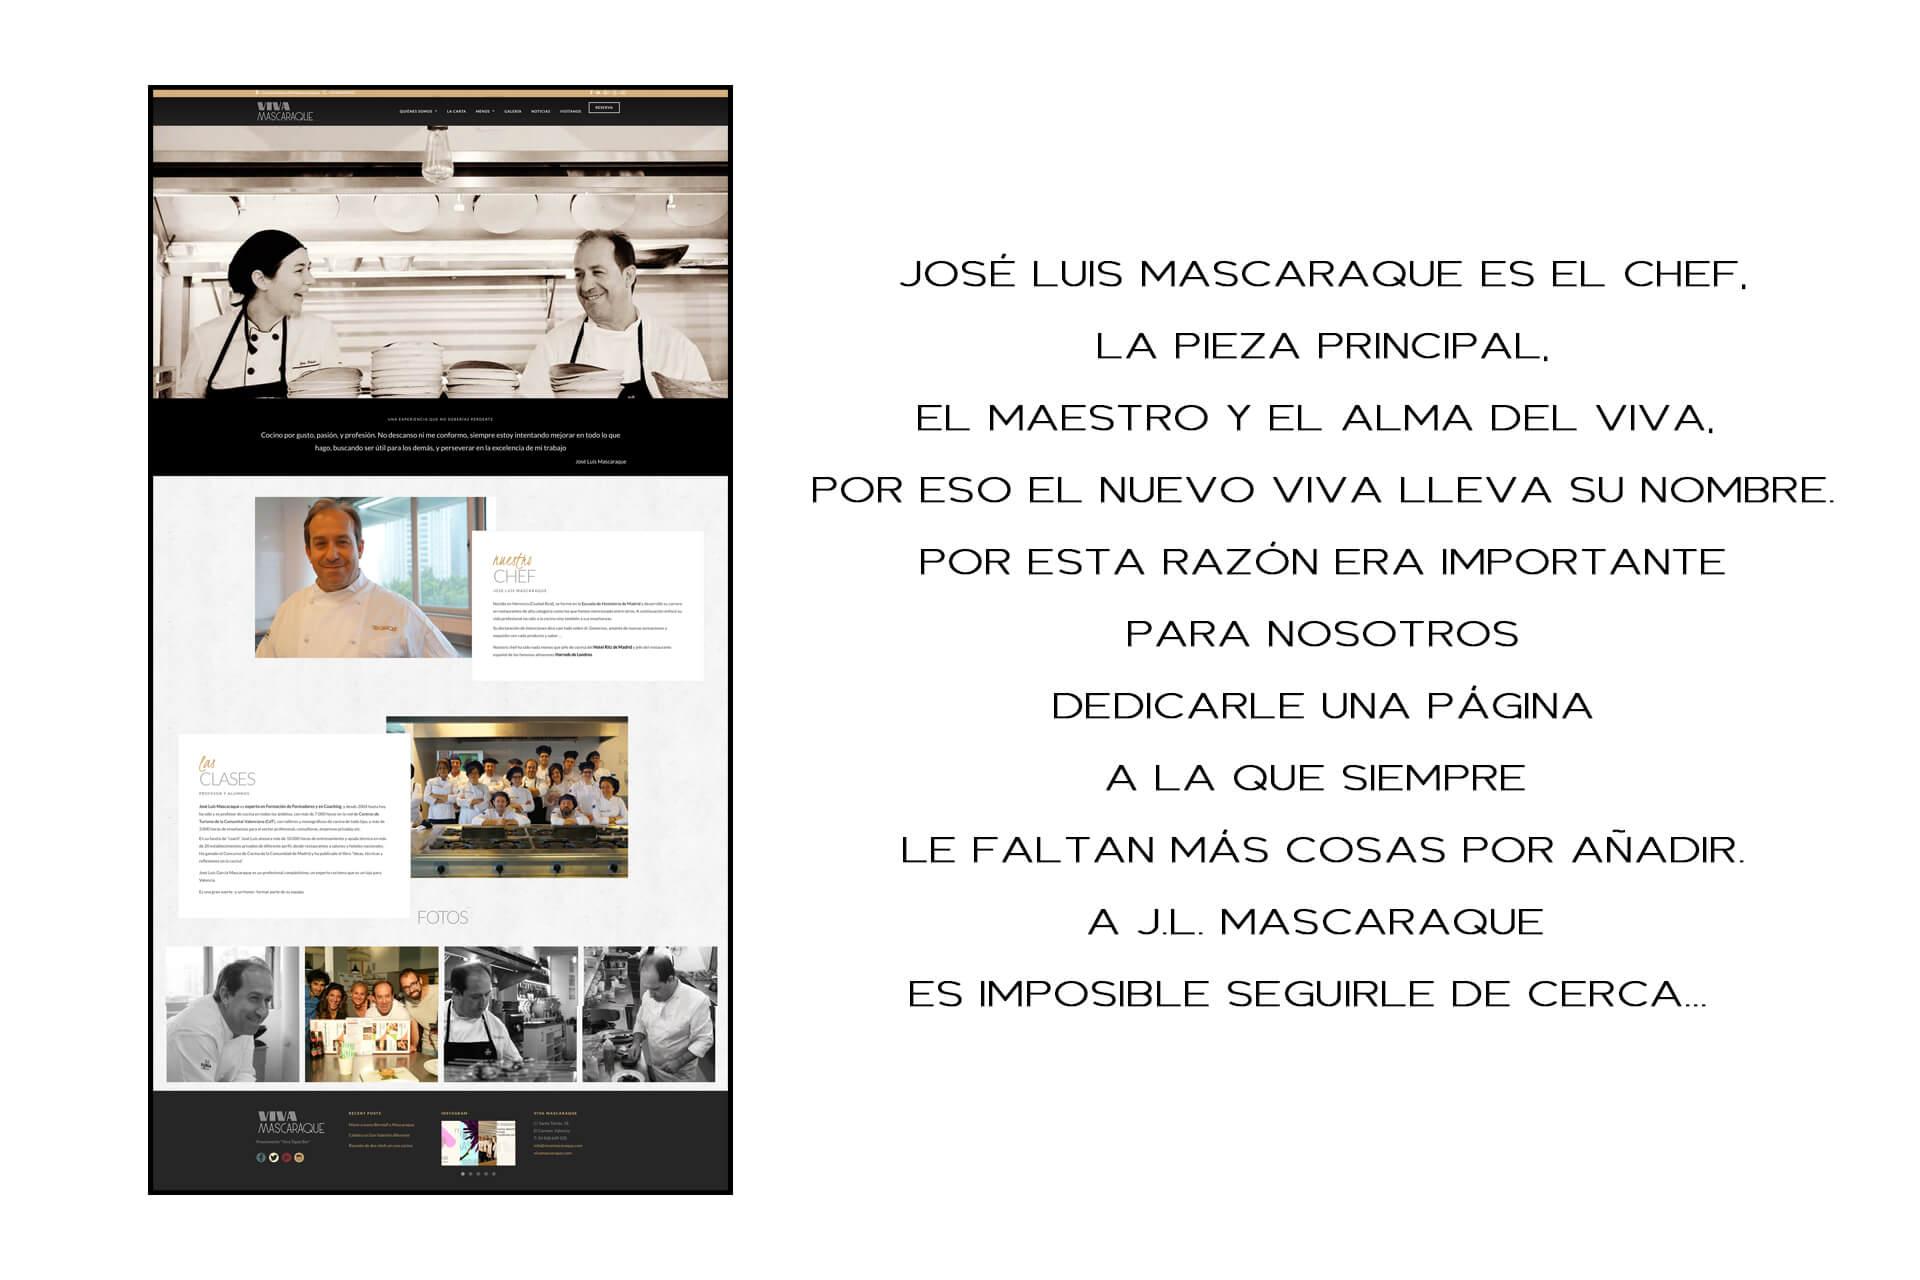 Página web Restaurante Viva Mascaraque El Chef | The Superway Webs